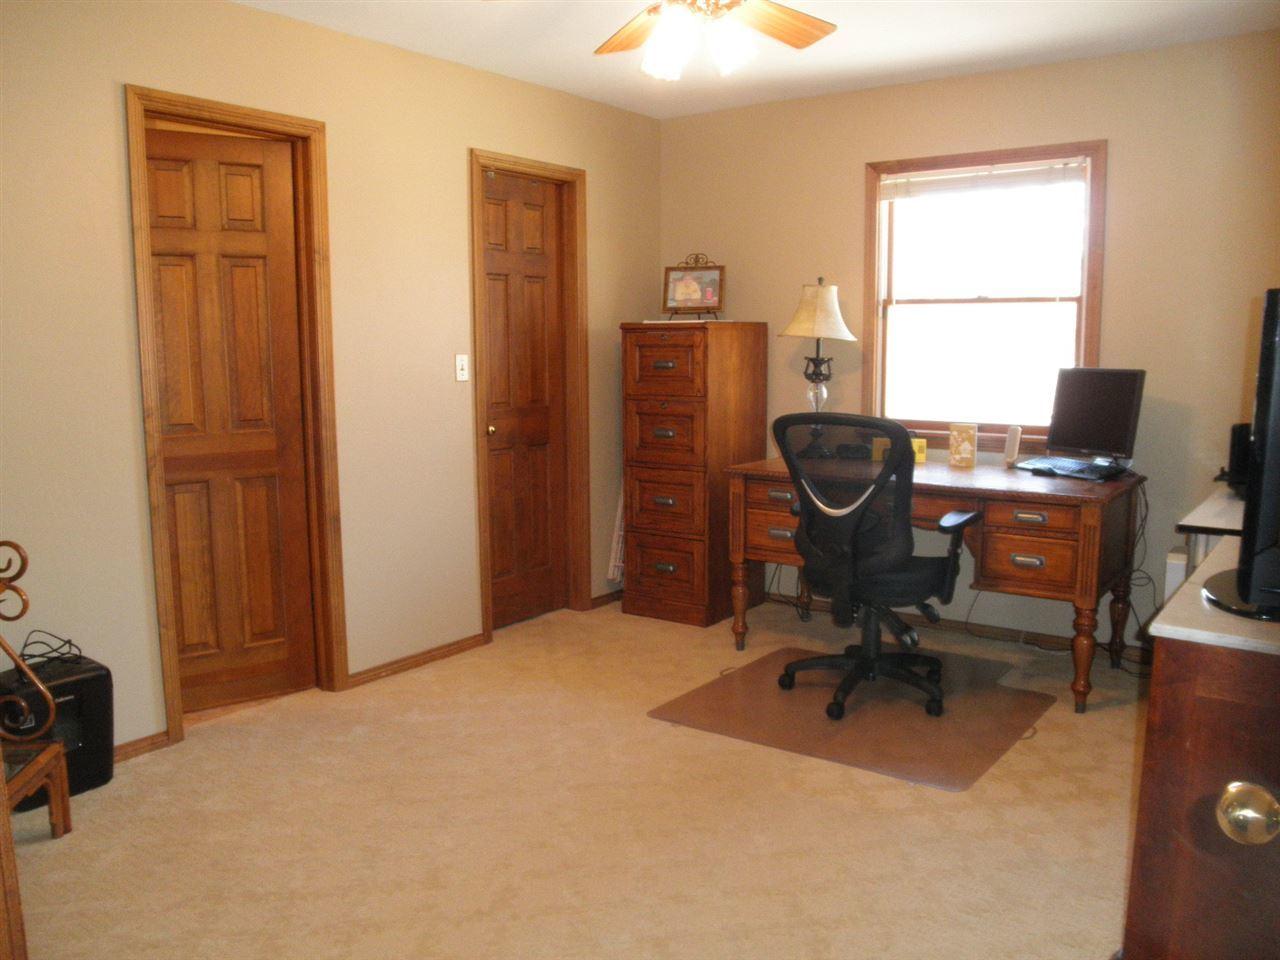 Sold Cross Sale W/ MLS | 15 Sherman Lane Ponca City, OK 74604 14